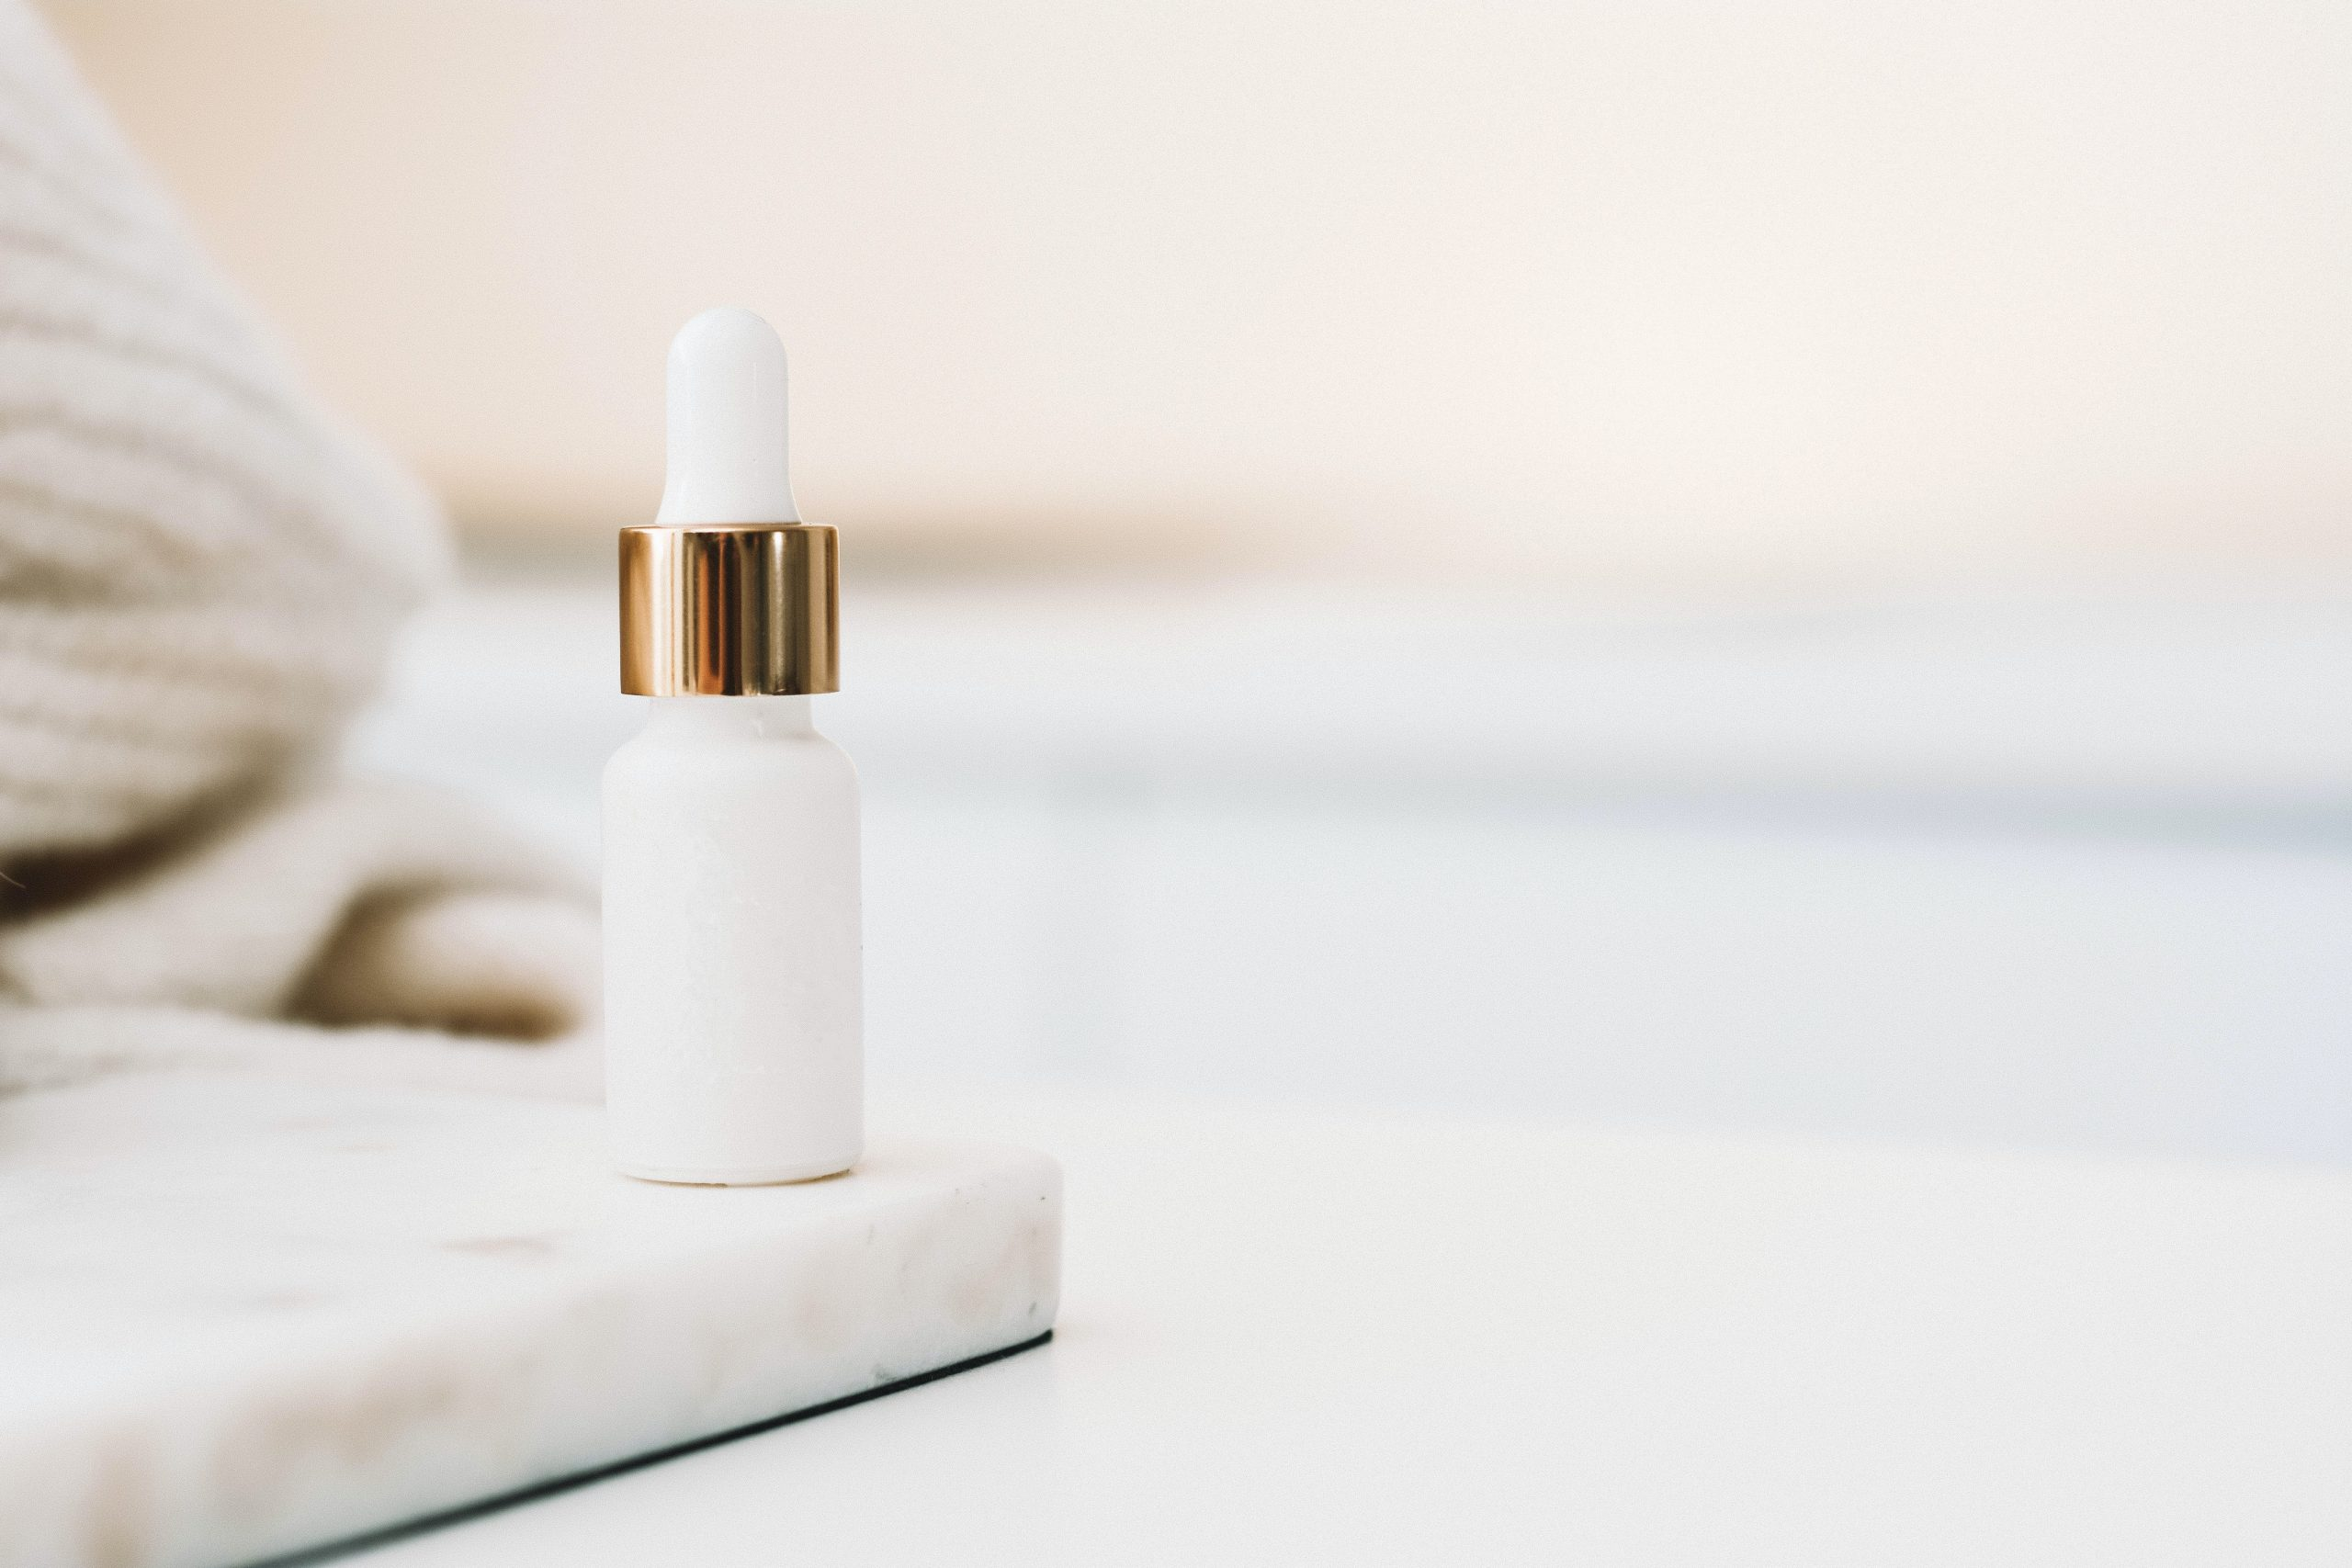 Thumbnail Skincare producten